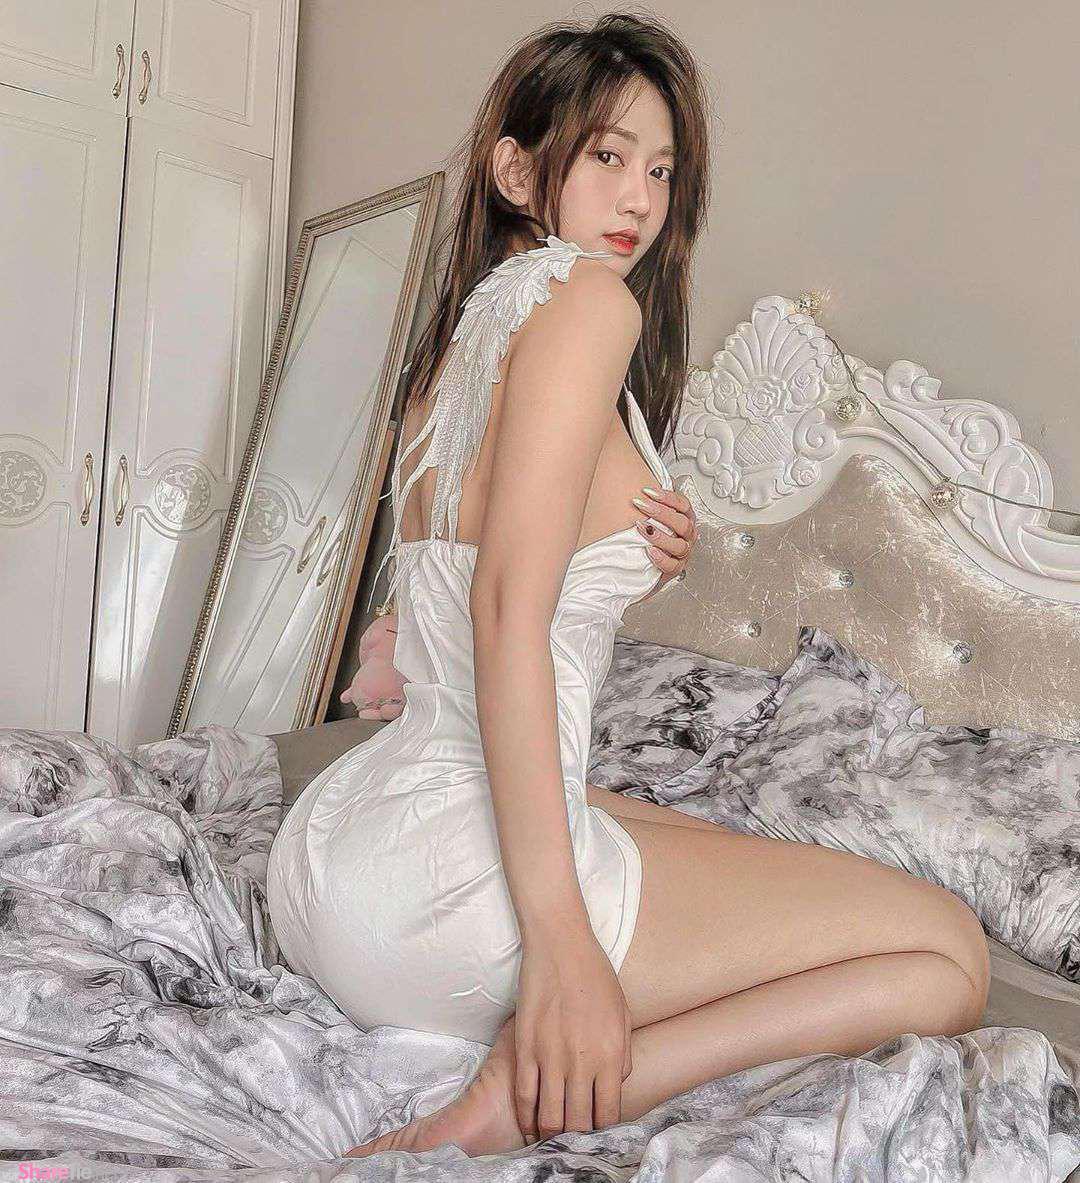 越南正妹超狂曲线,穿睡衣解放超犯规